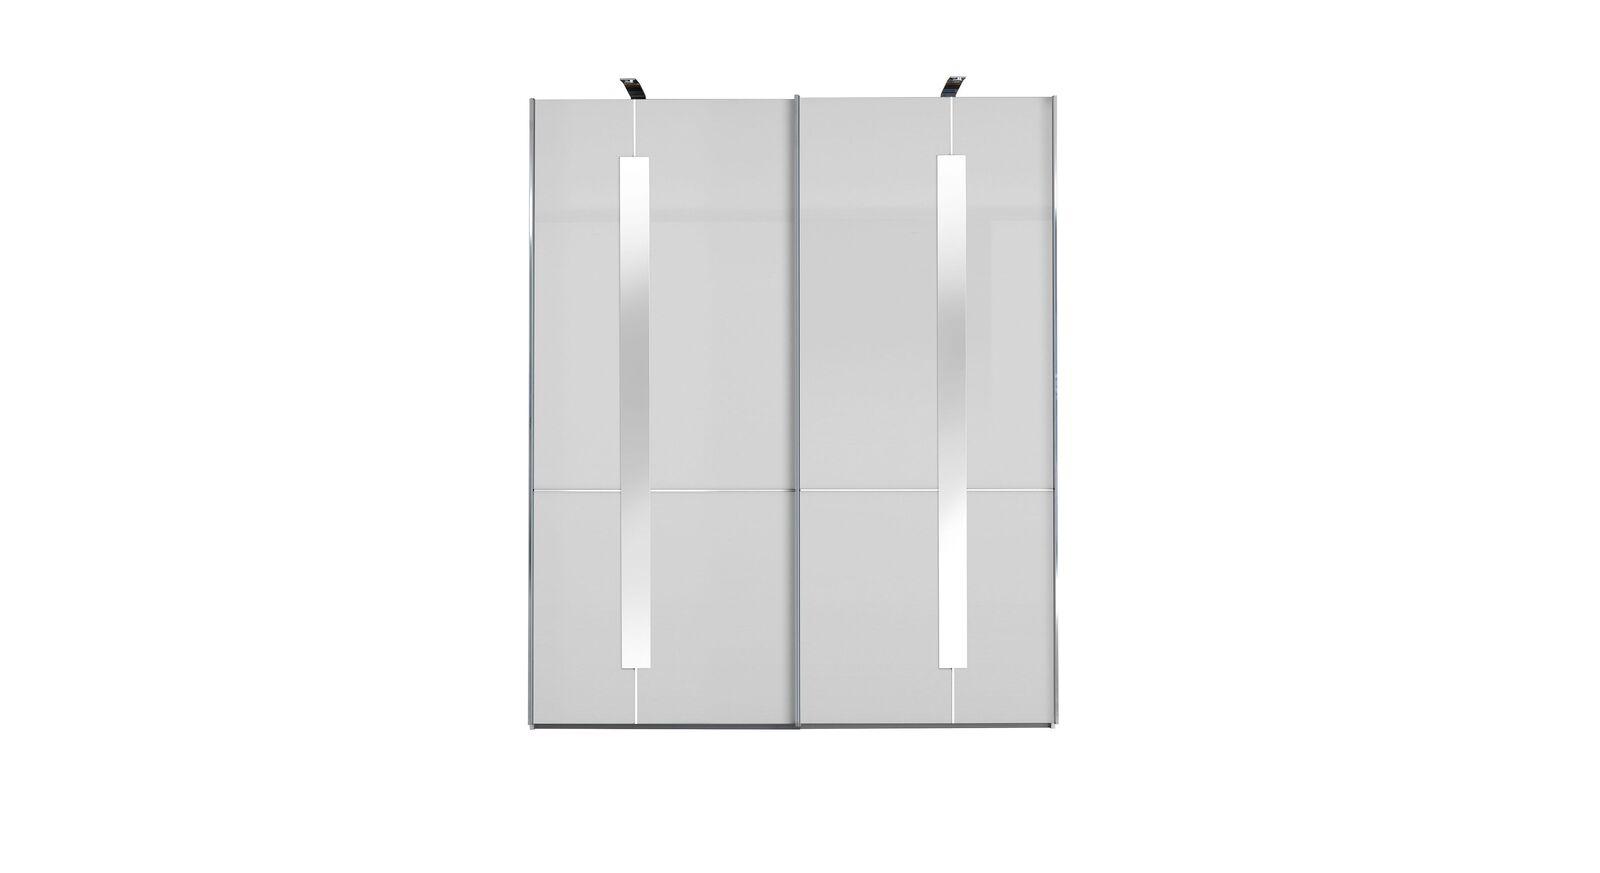 GALLERY M Schwebetüren-Kleiderschrank IMOLA W Weiß - 2-türig mit Zierspiegeln